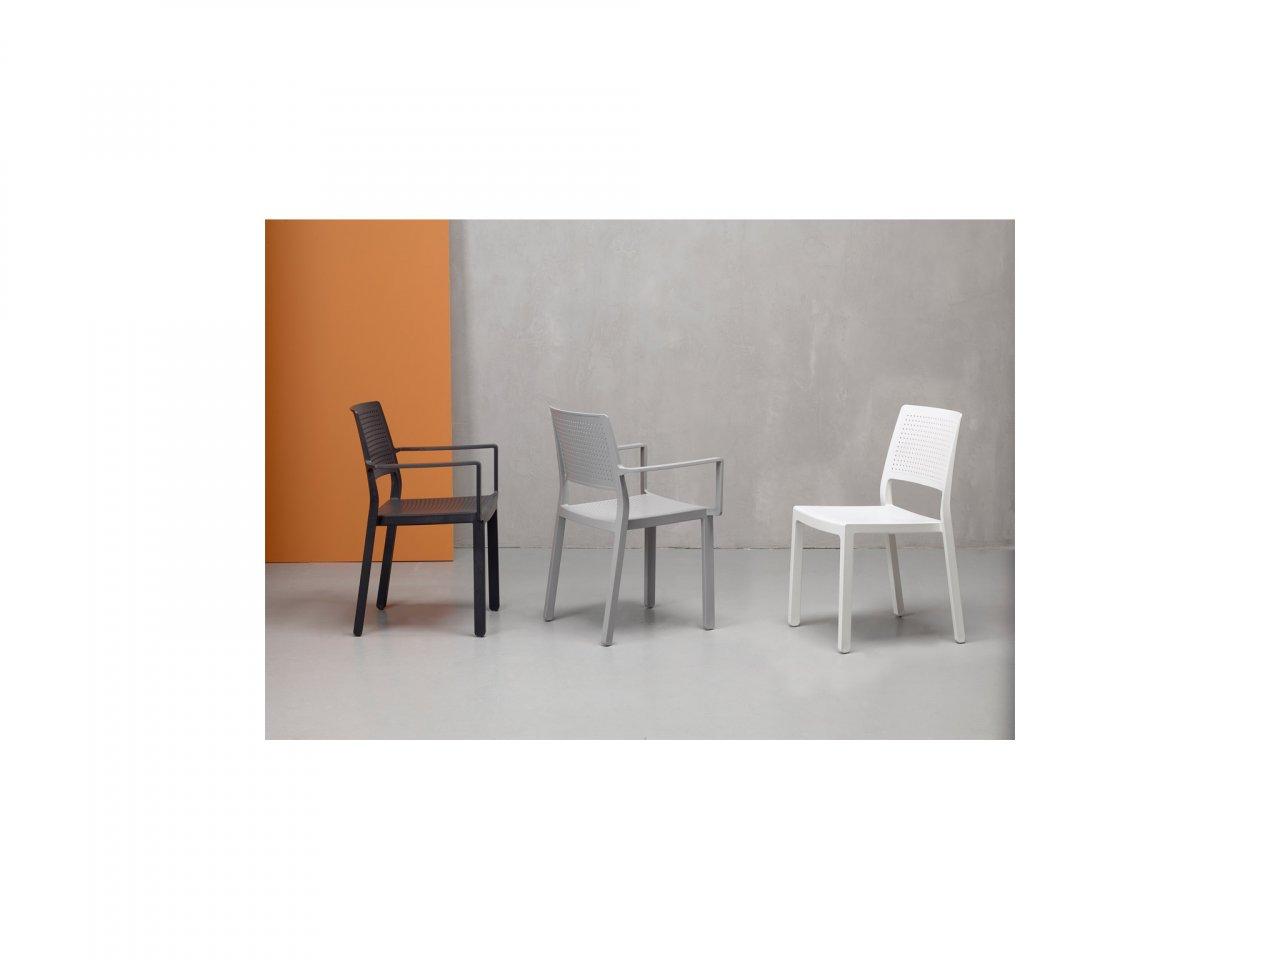 Sedia Con Braccioli Emi - v15